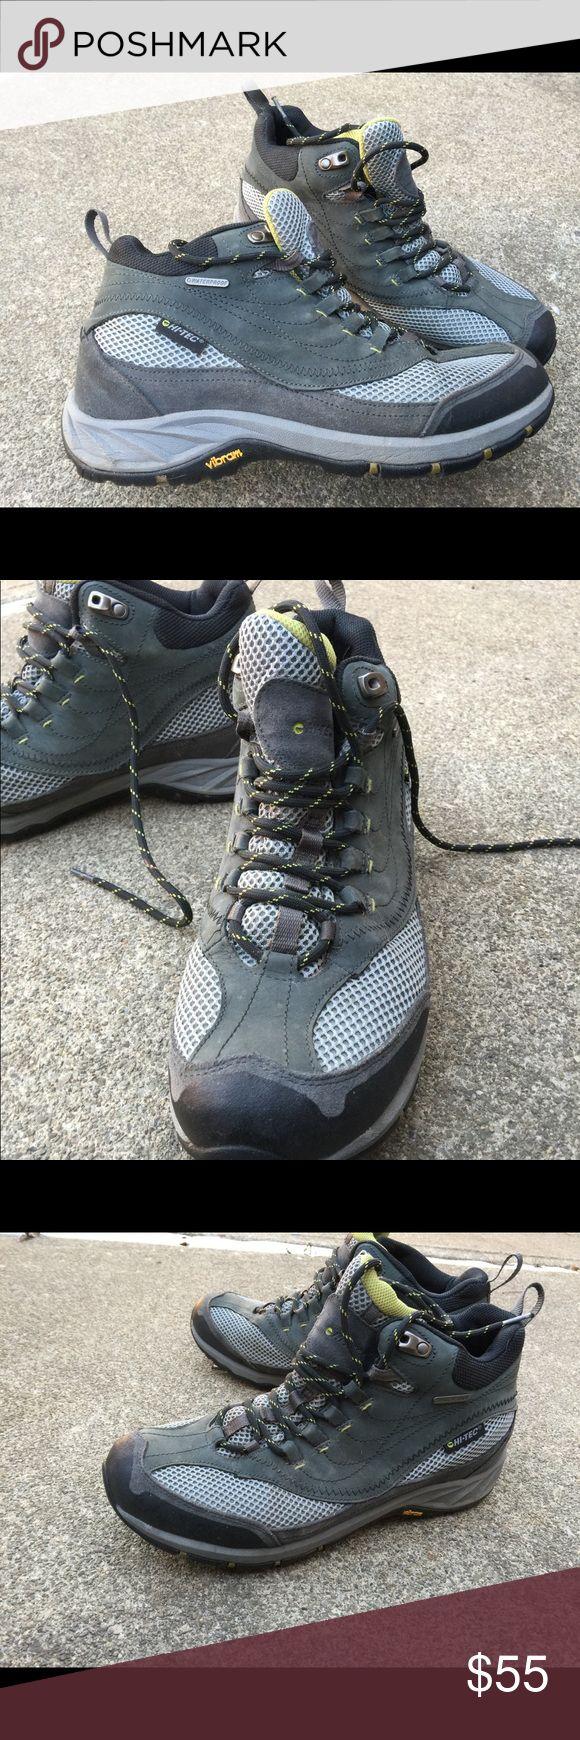 Men's Hi-Tec Gray & Black Hiking Boots 10.5M EUC Men's Hi-Tec Gray & Black Hiking Boots 10.5M EUC. Leather & Waterproof. Worn once! Hi-Tec Shoes Boots